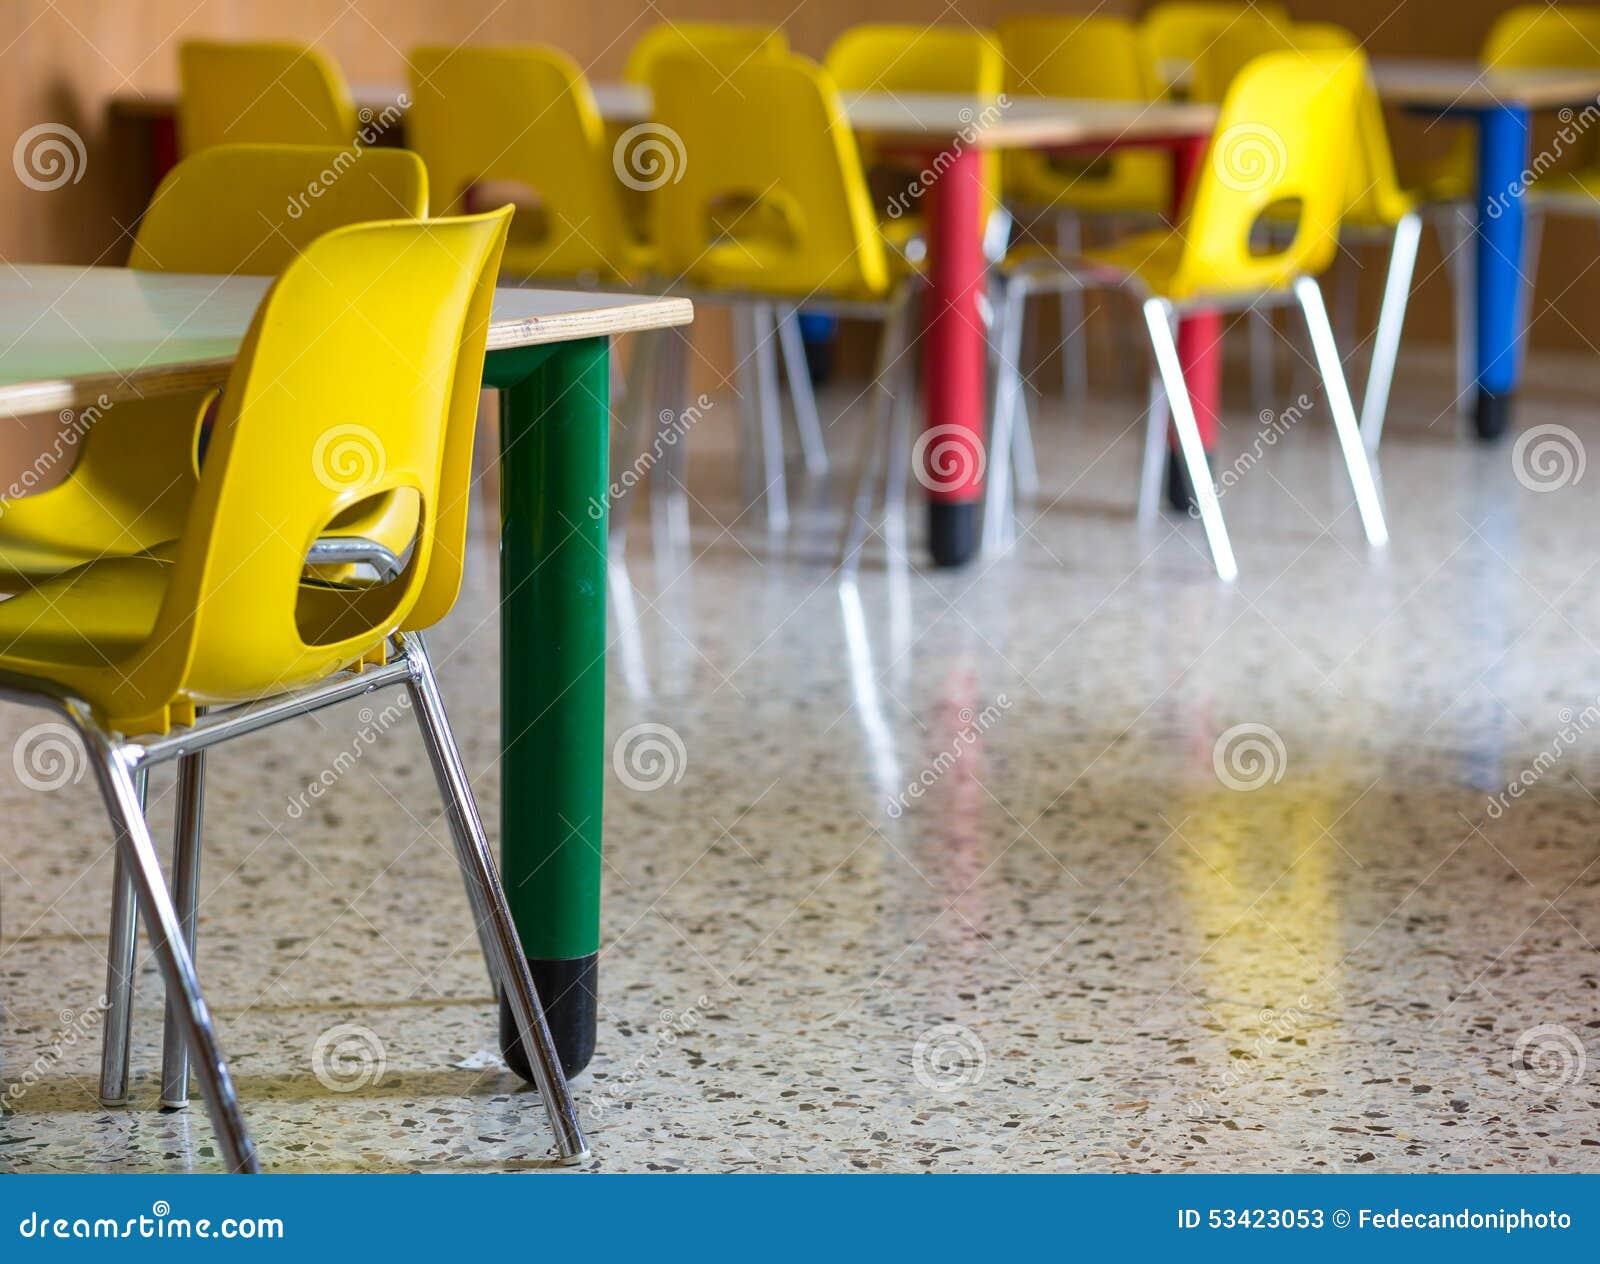 Plastikstuhle In Der Kindertagesstattenkindergartenklasse Stockbild